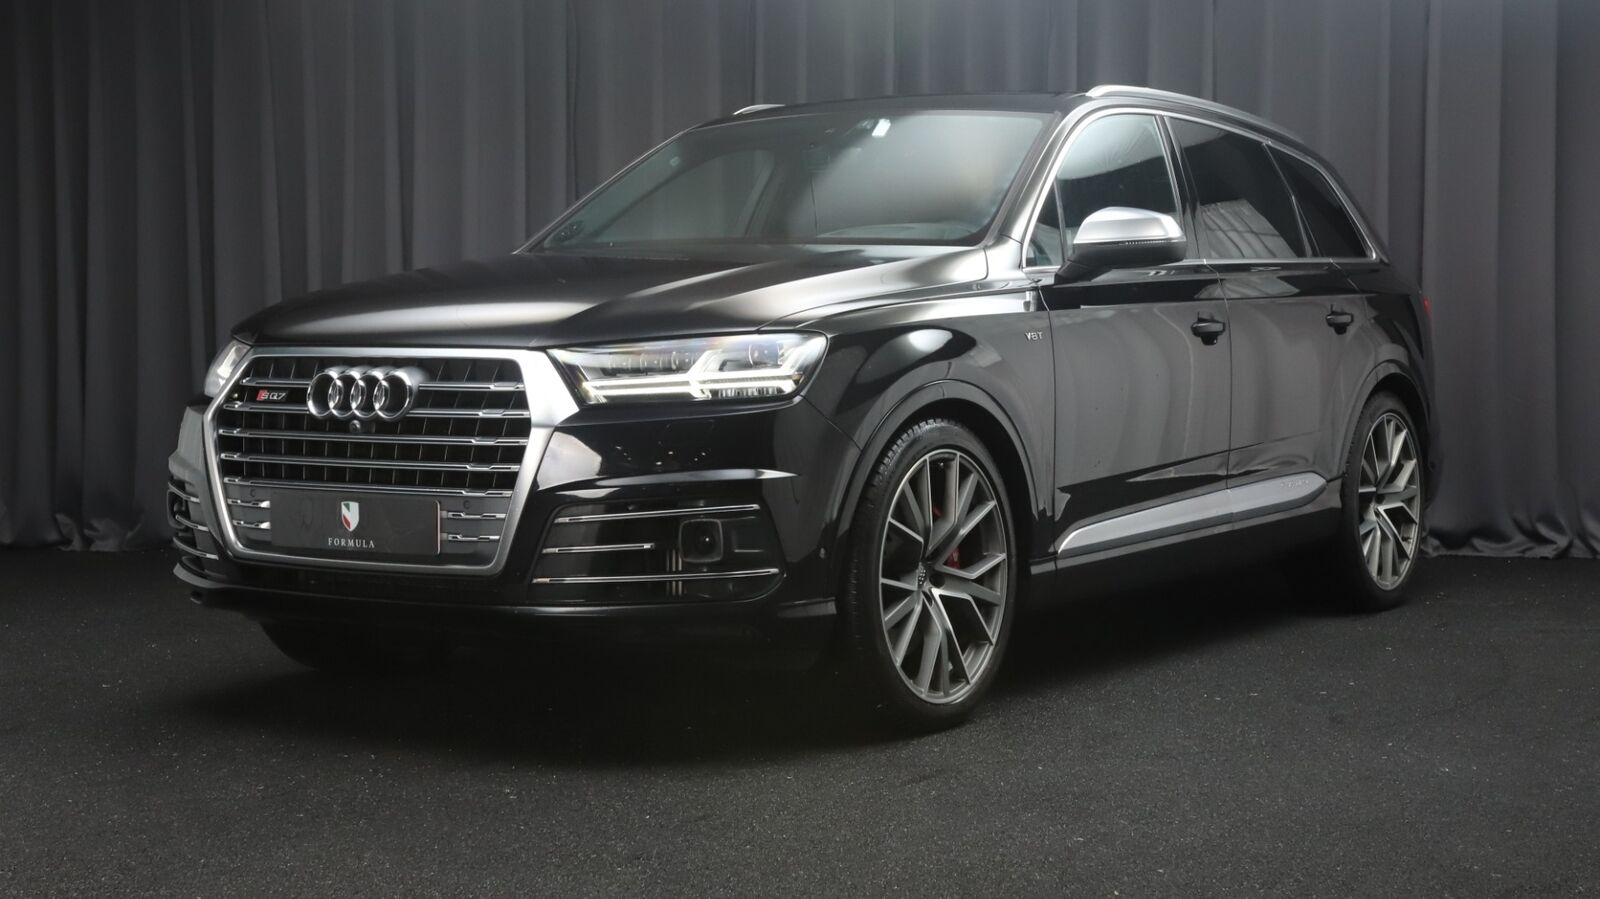 Audi SQ7 4,0 TDi quattro Tiptr. 7prs 5d - 9.799 kr.